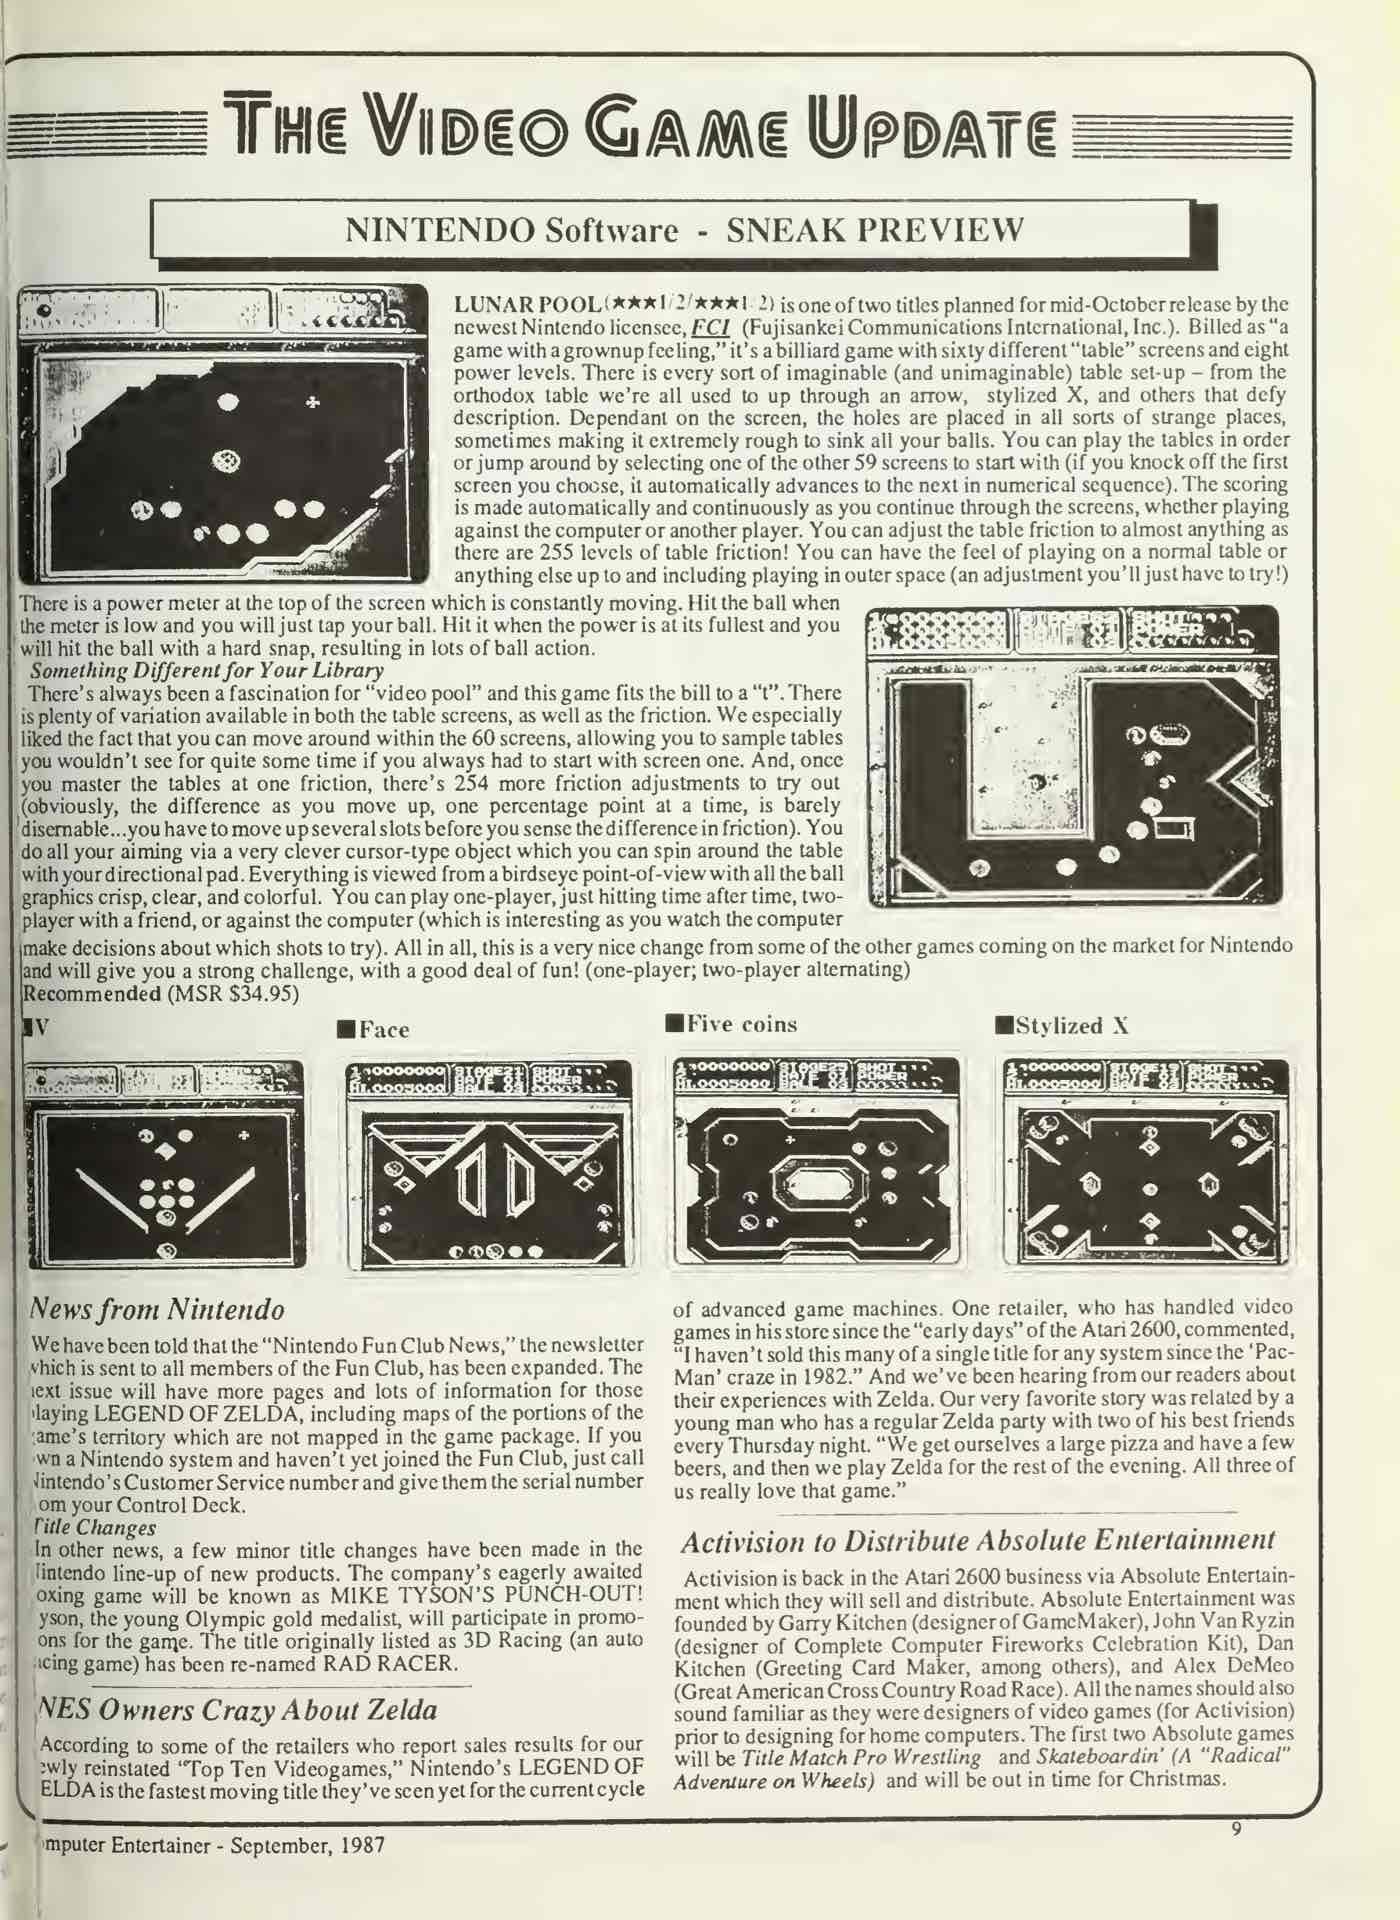 Computer Entertainer - September 1987 - Pg 9